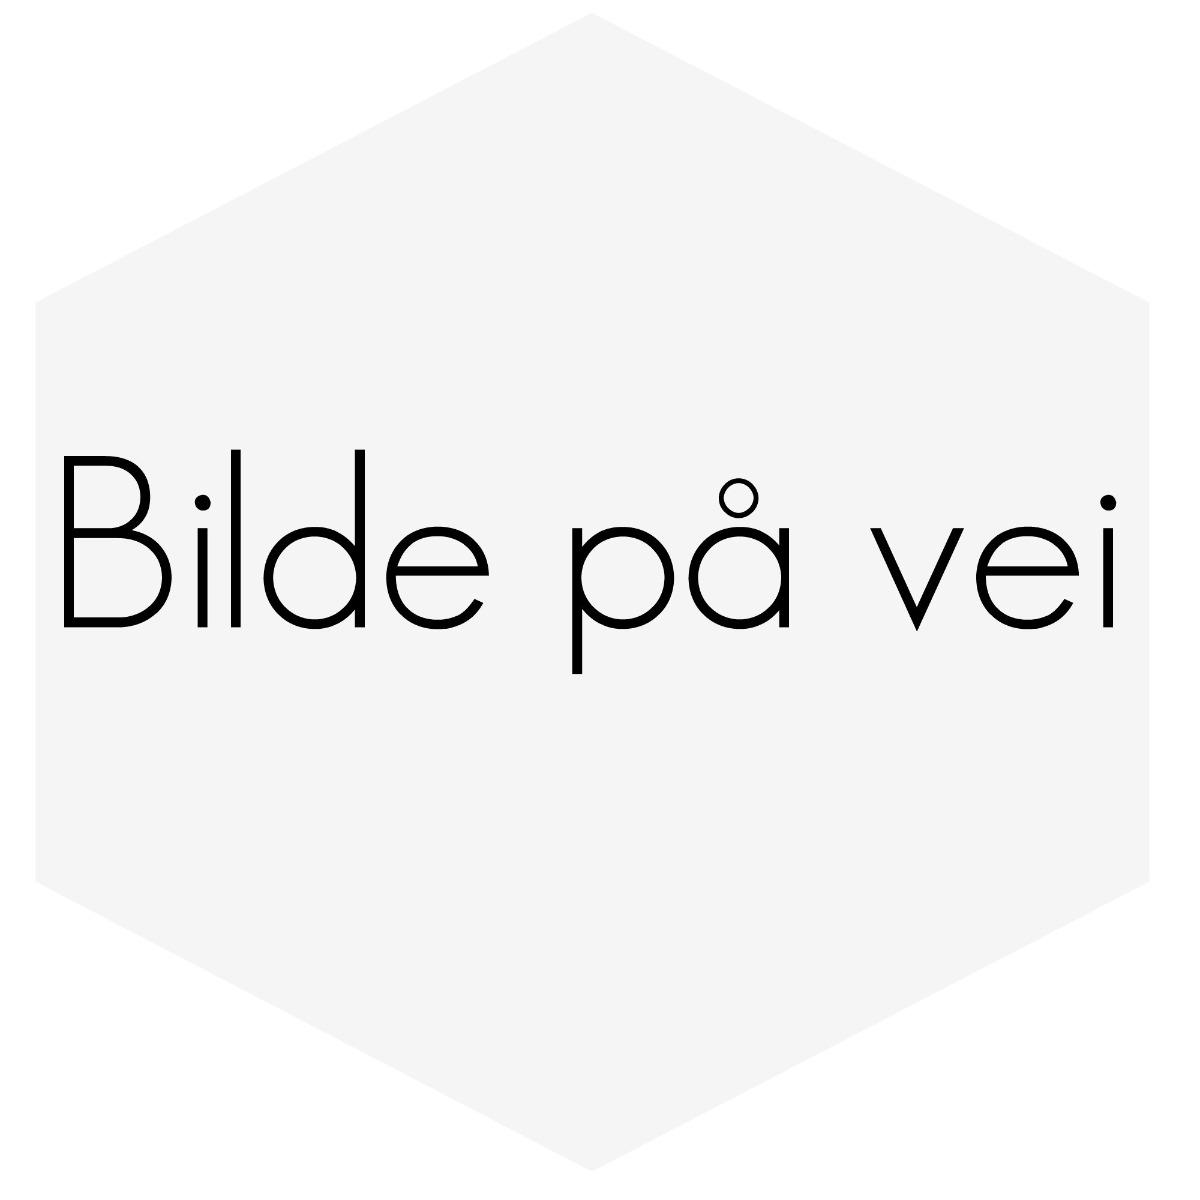 FORSKJERM S/V40 01-04 (fas2) Høyre side30844334